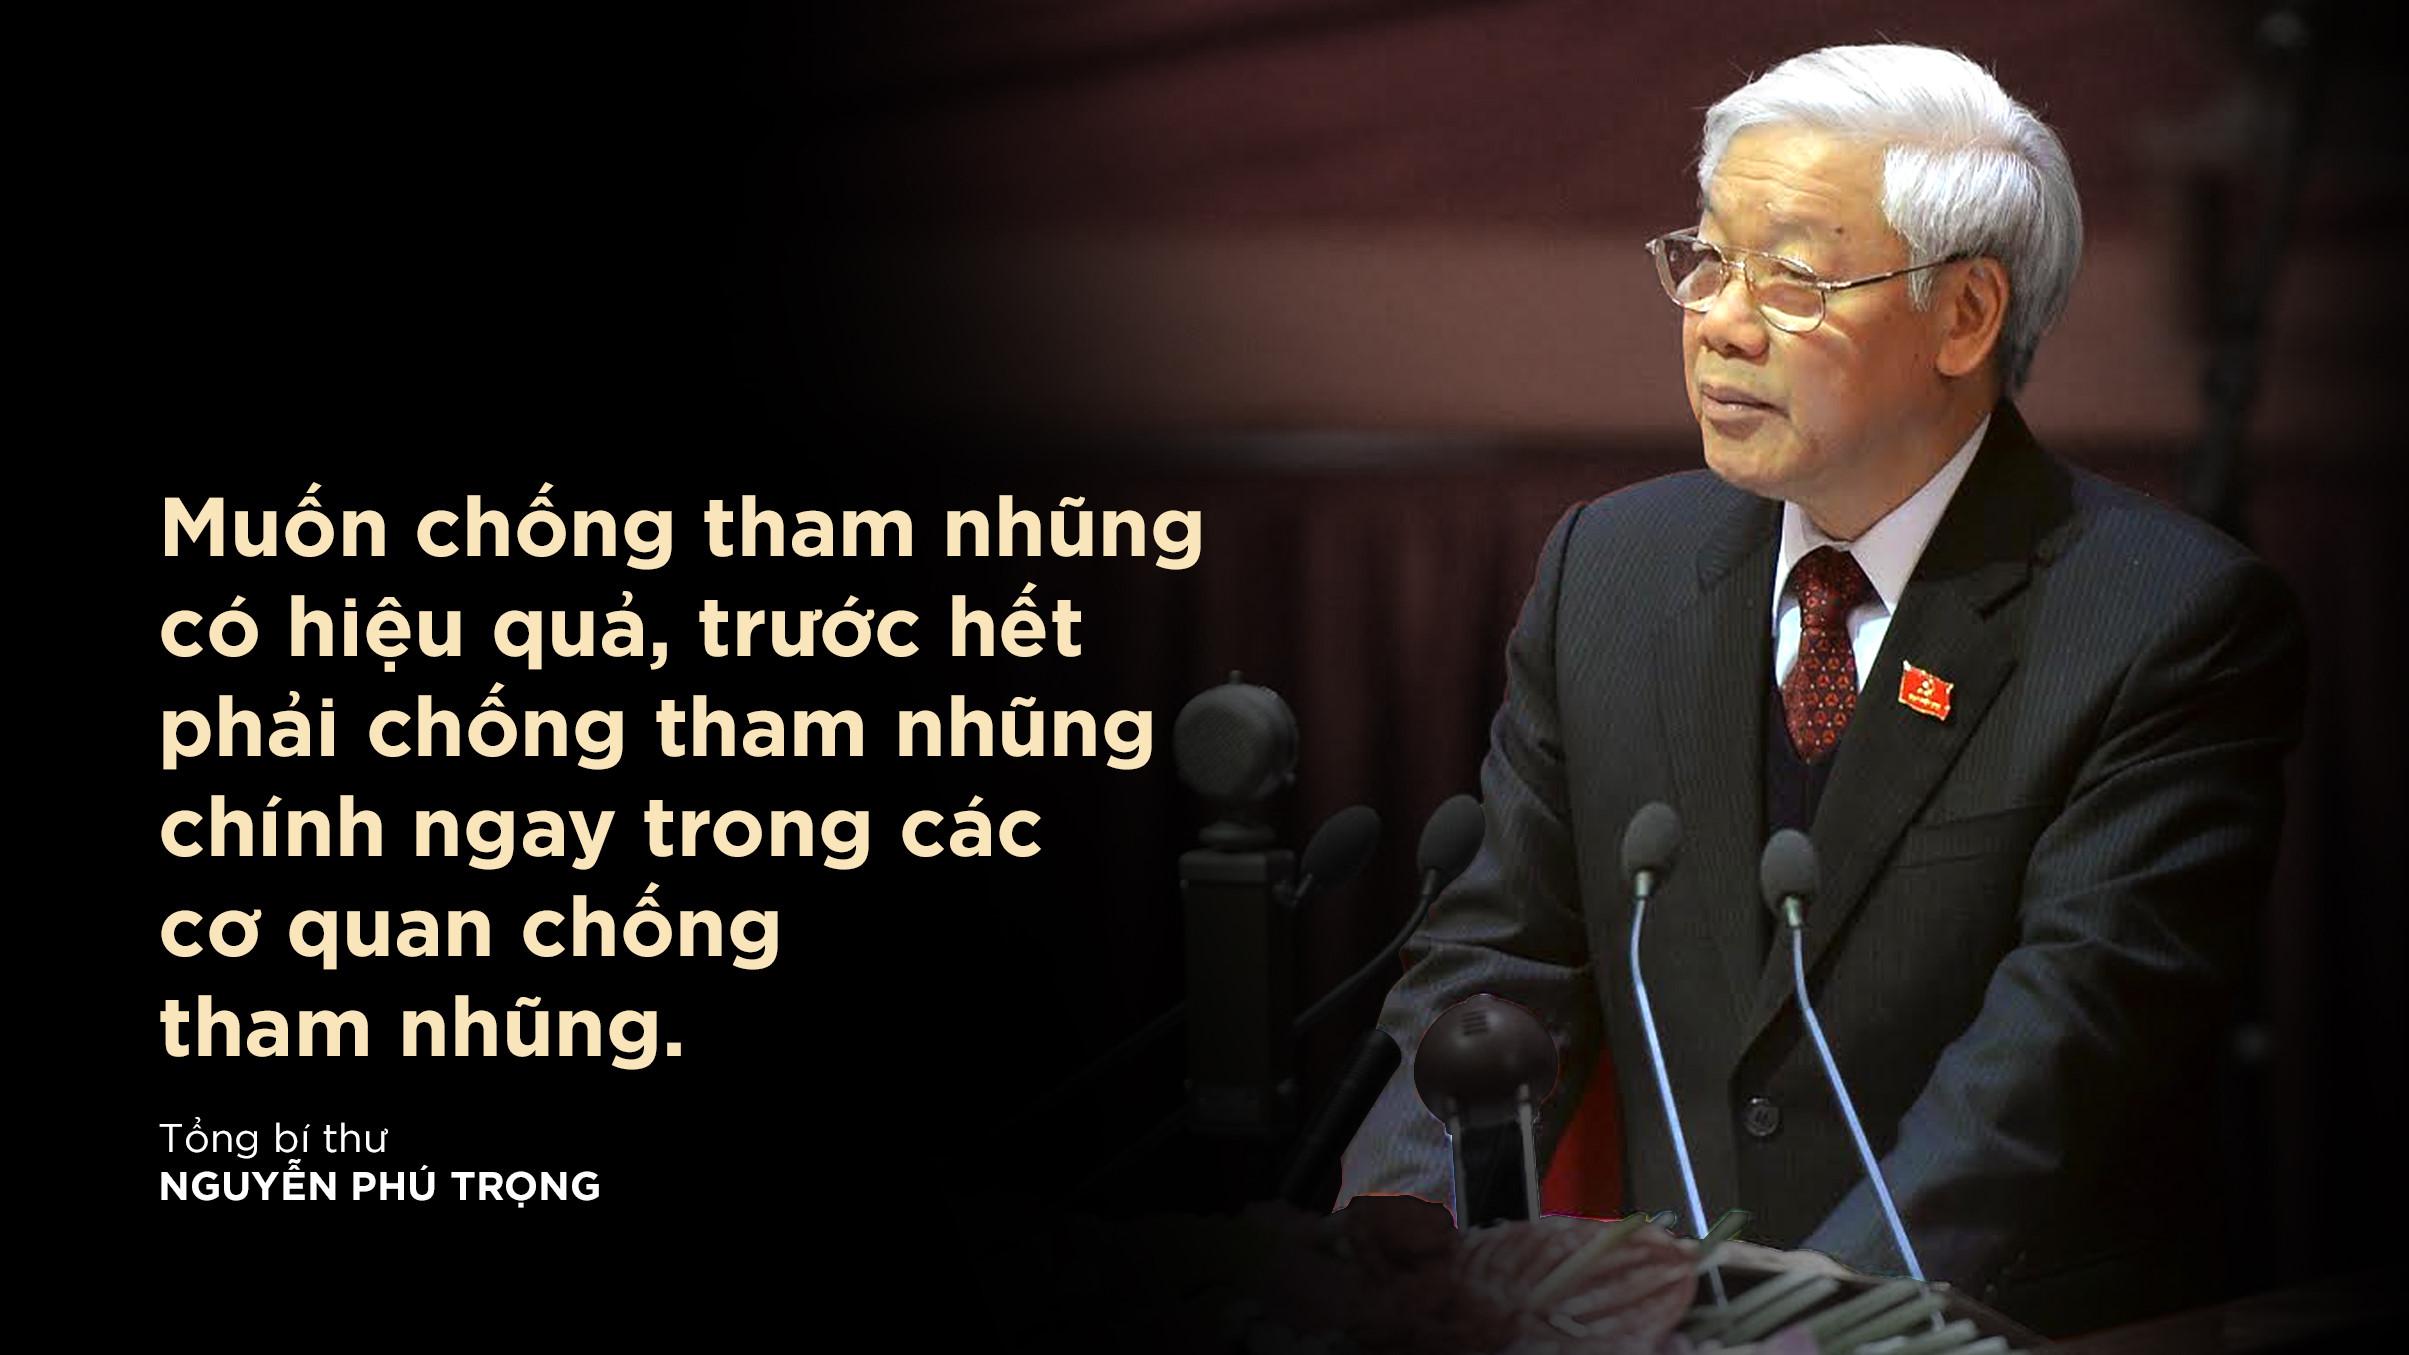 Ông Nguyễn Phú Trọng muốn xử 6 'đại án' trong 6 tháng tới